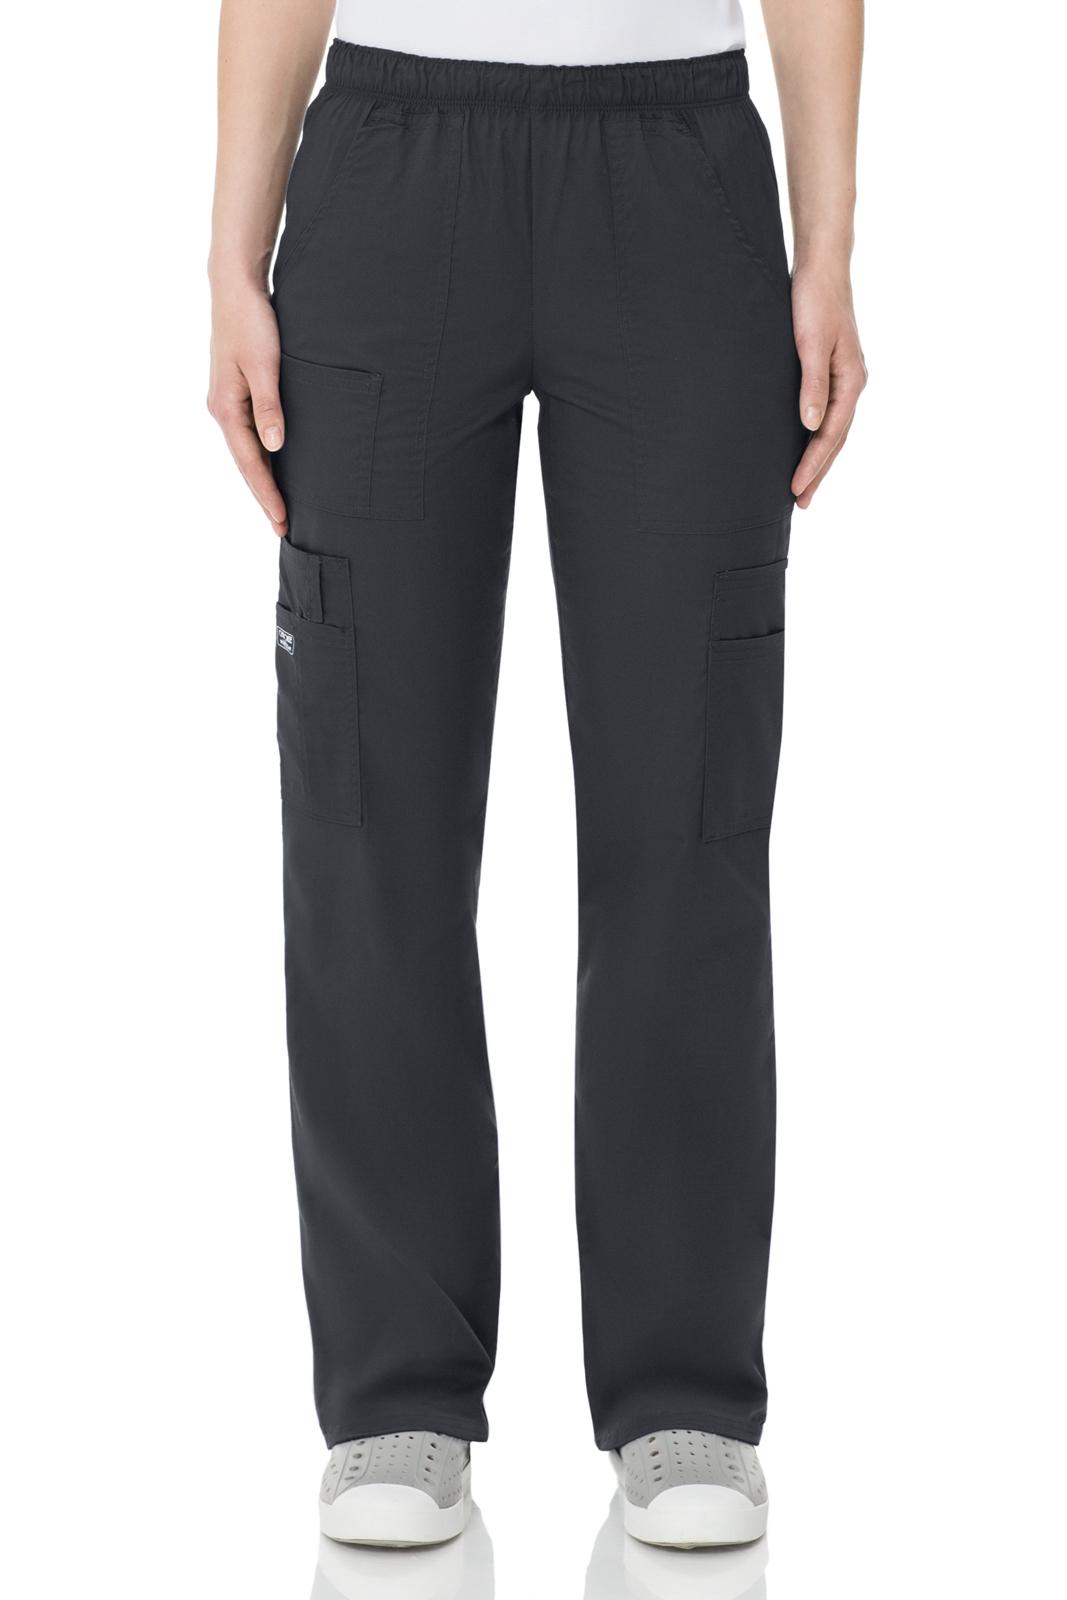 Брюки унисекс темно-серого цвета Cherokee Workwear